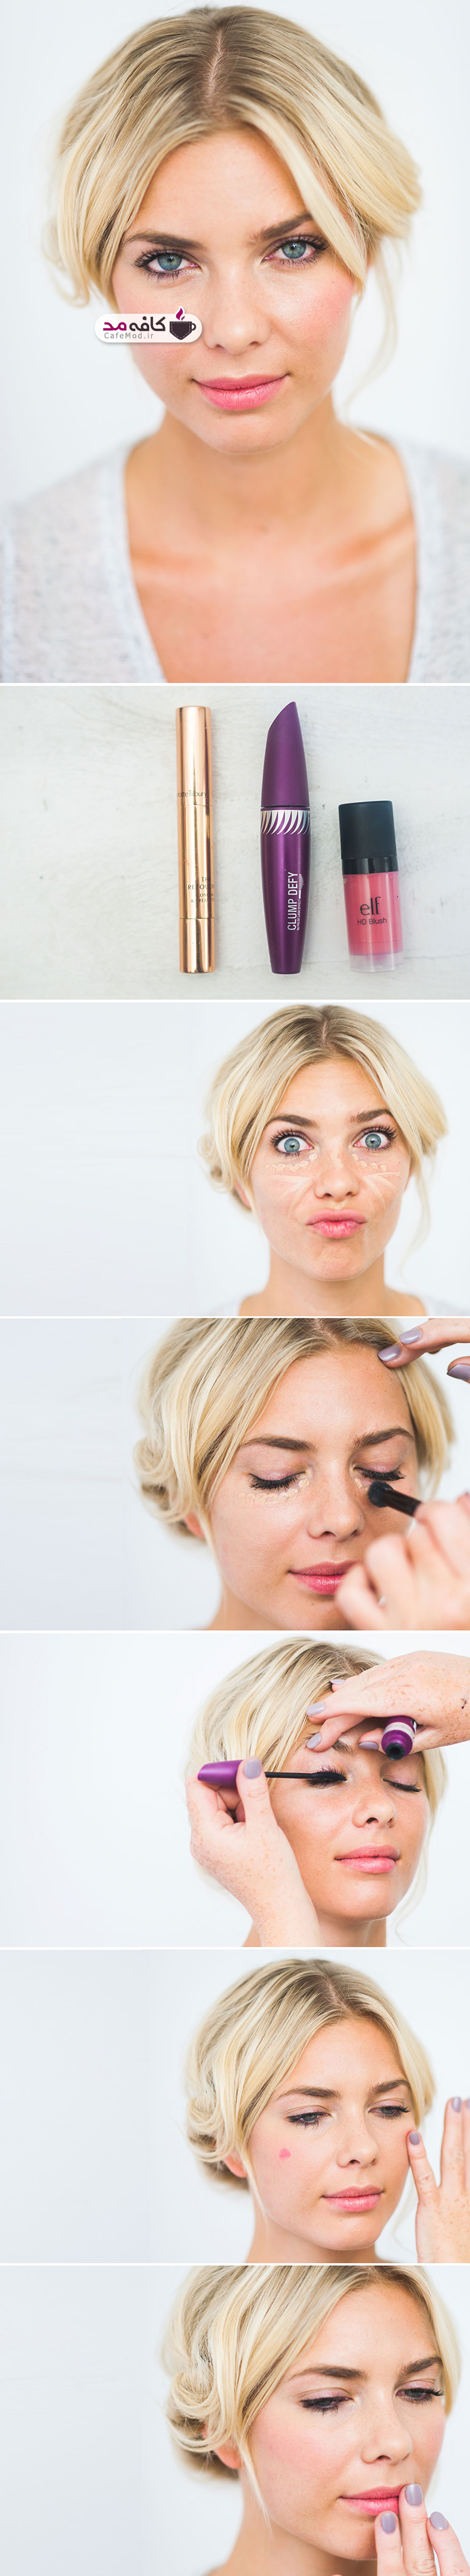 آموزش آرایش ملایم صورت و چشم ها